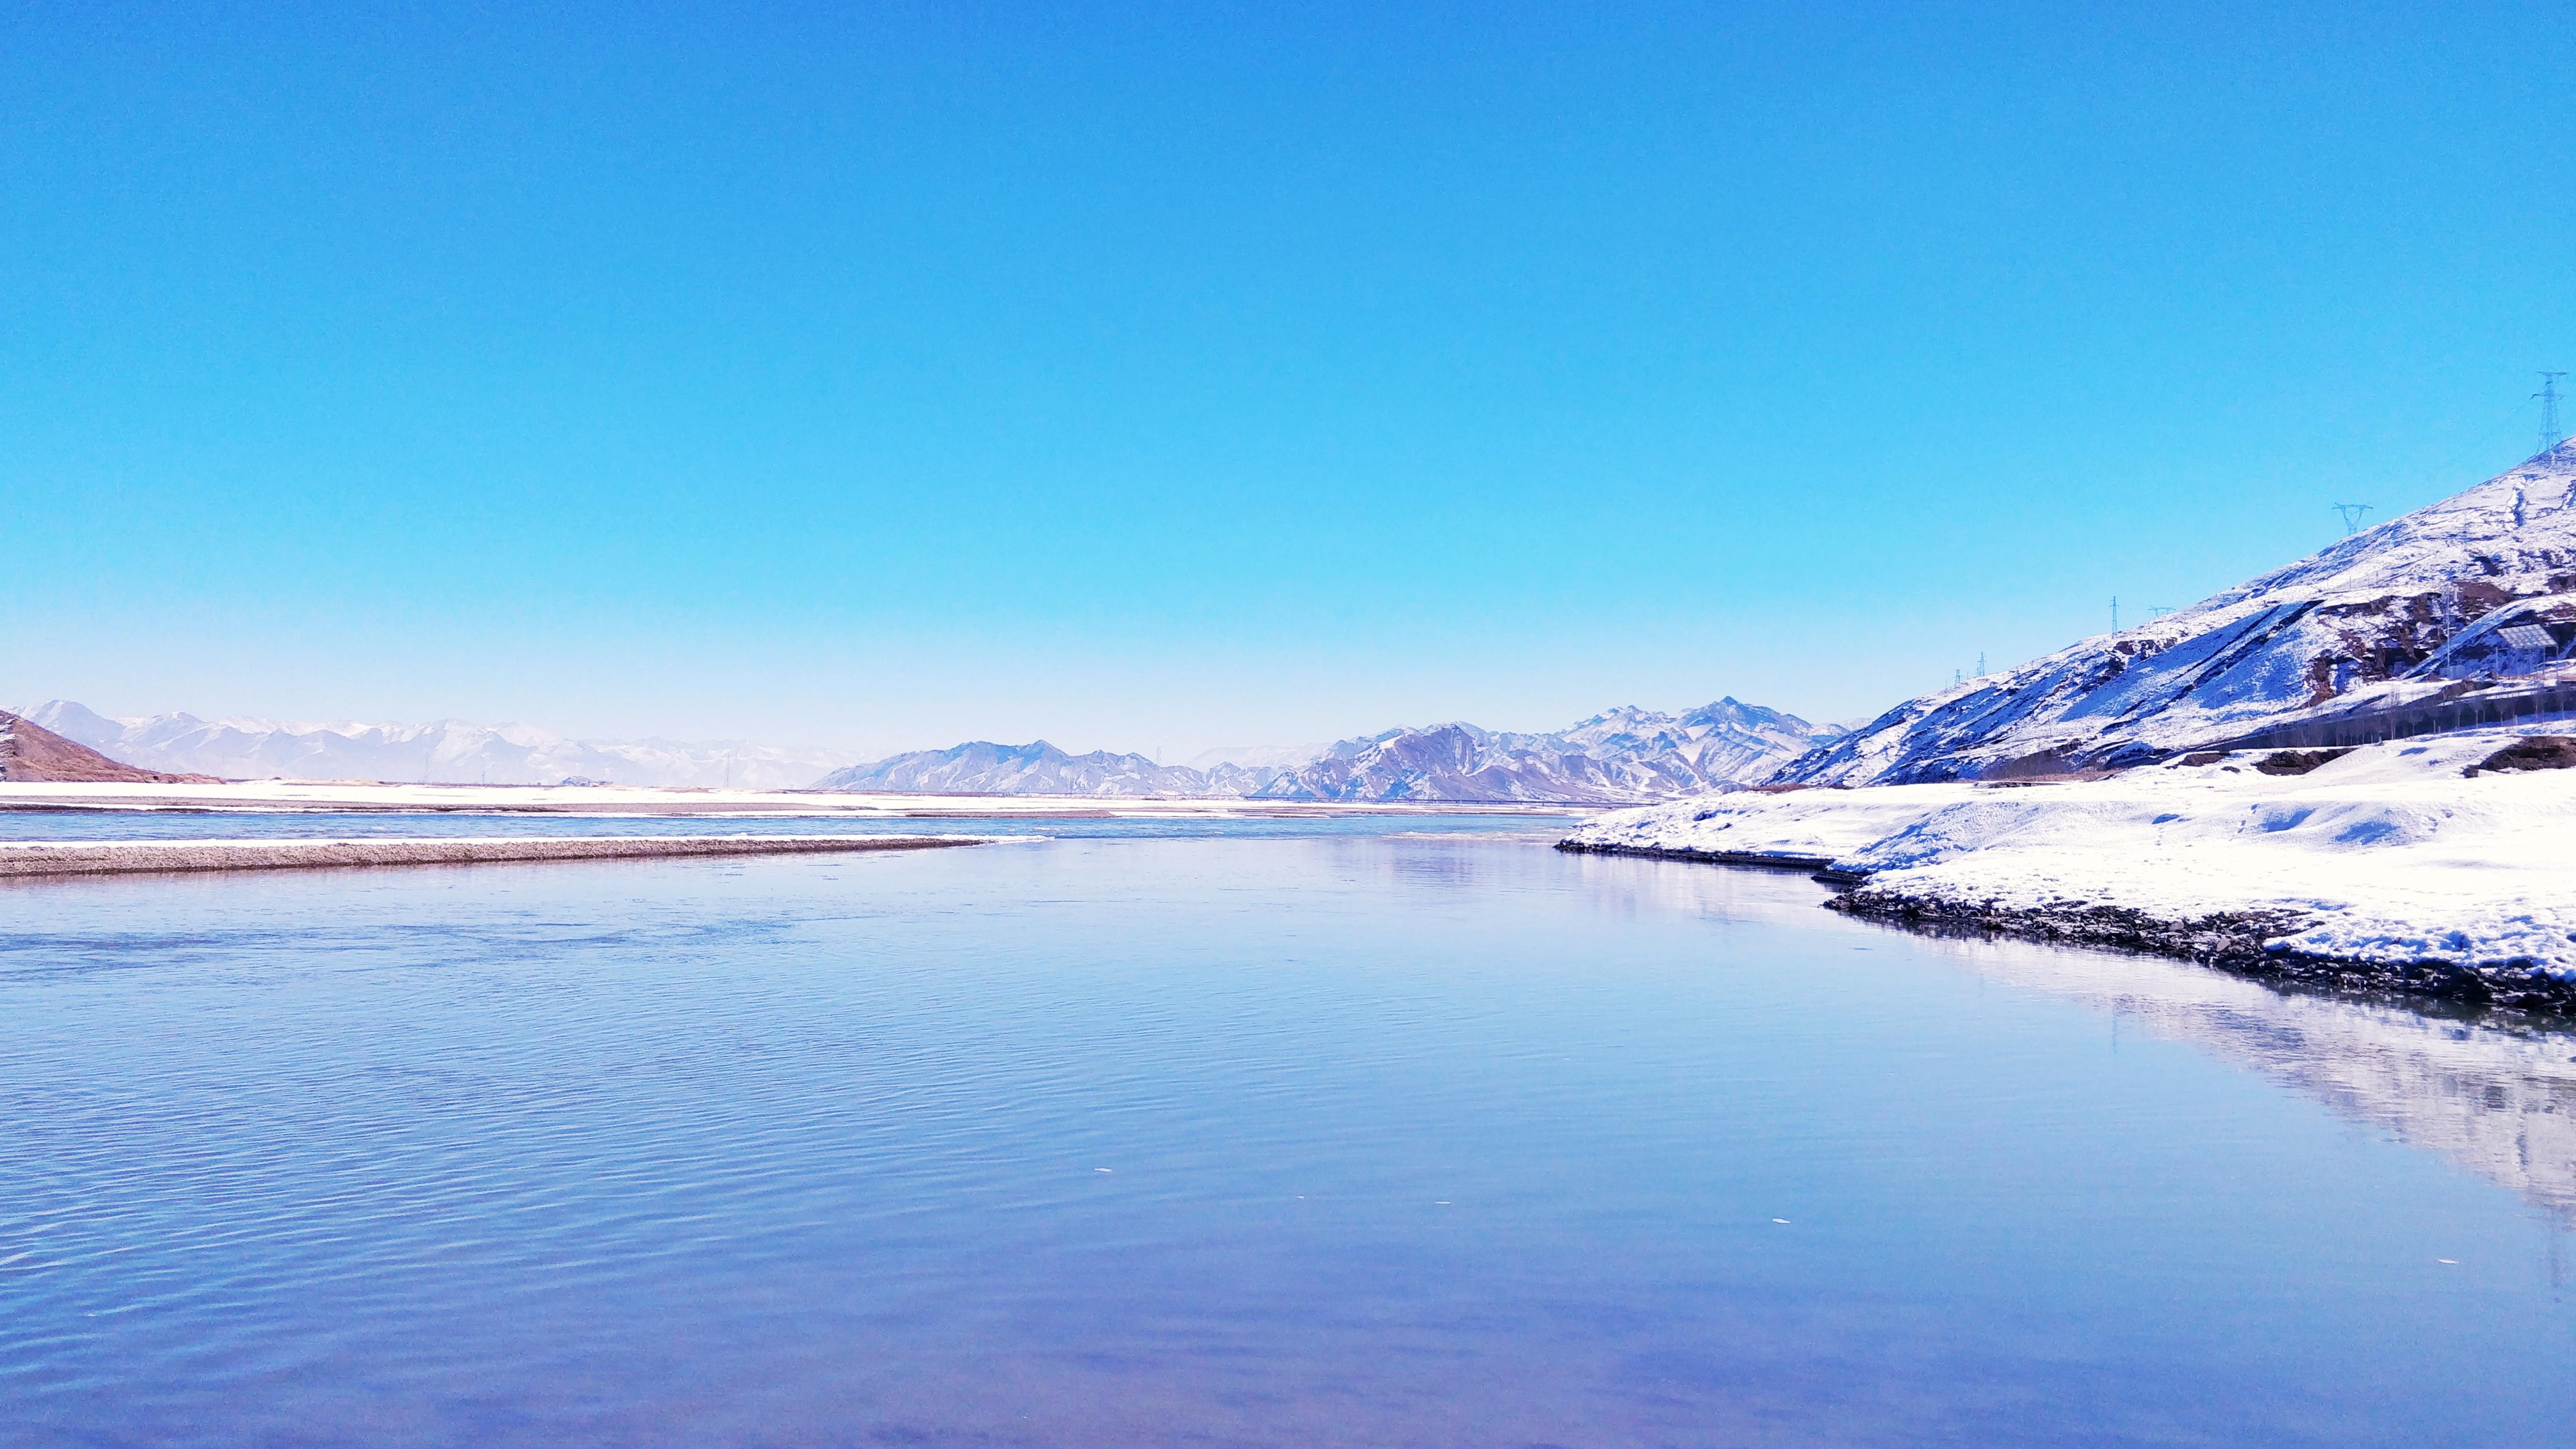 雪景33.jpg